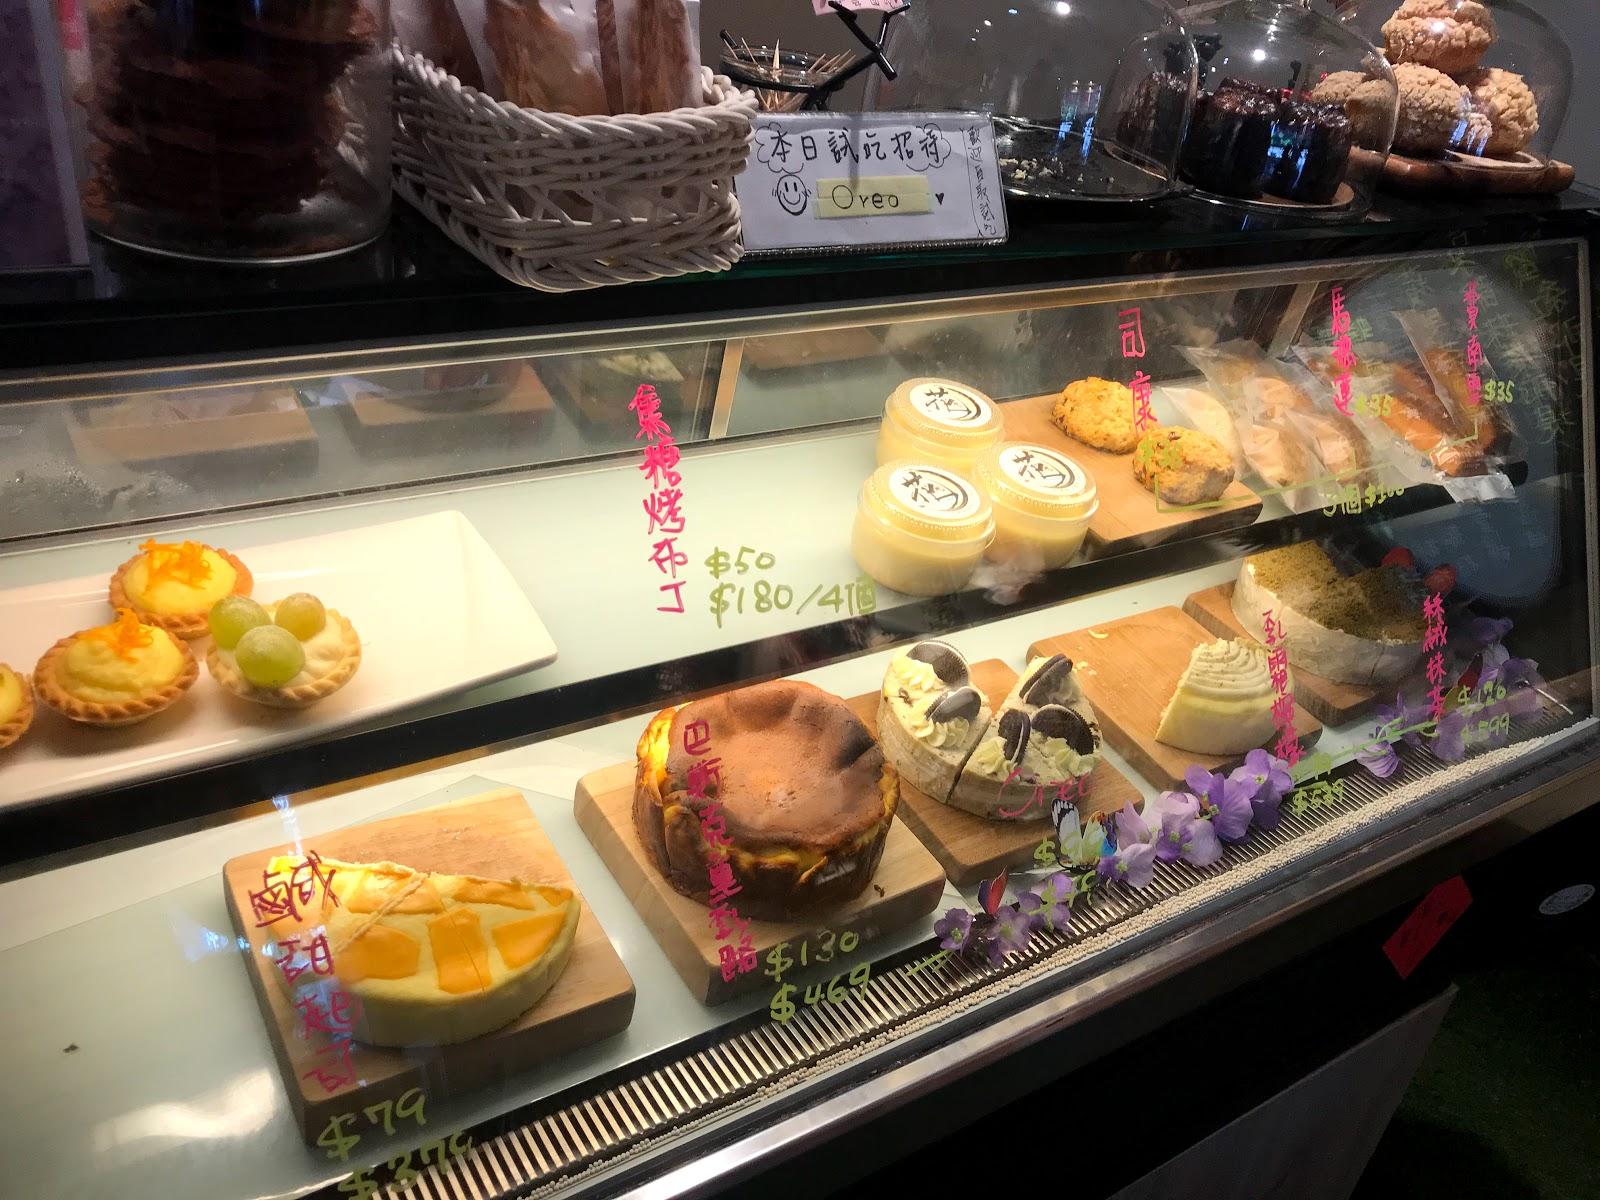 |花前月下 乾燥花x乳酪蛋糕專門|Google 評價 4.2星|阿罵養的貓陪你一起吃下午茶|水蜜桃泡芙|乾燥花乳酪蛋糕 [台南 新市]